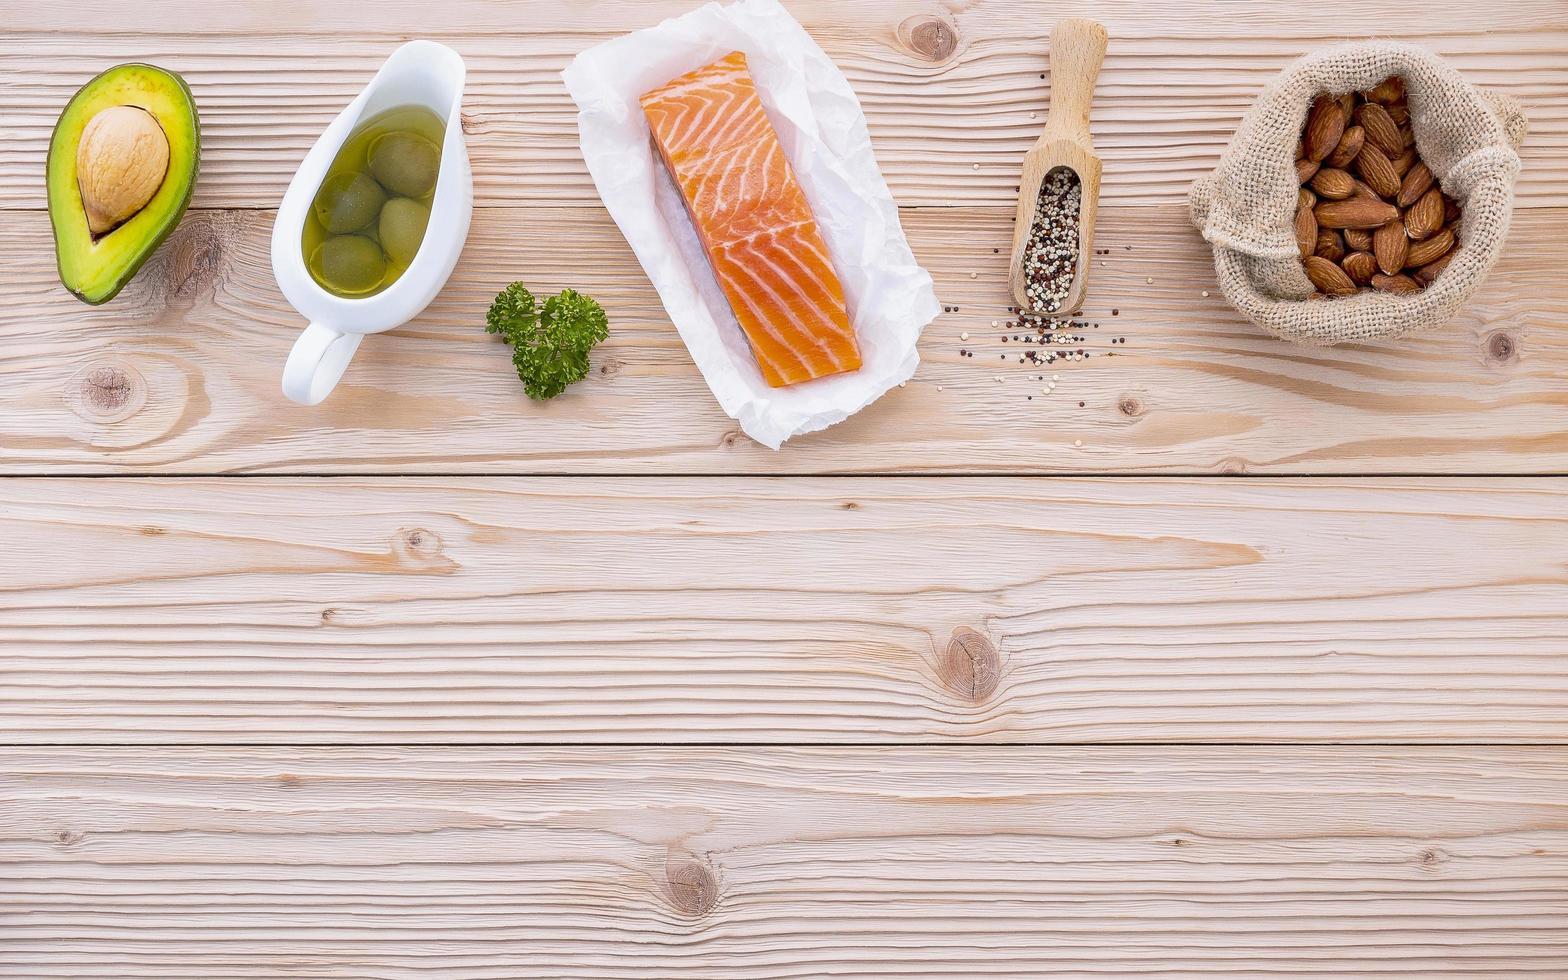 aliments sains sur bois clair photo